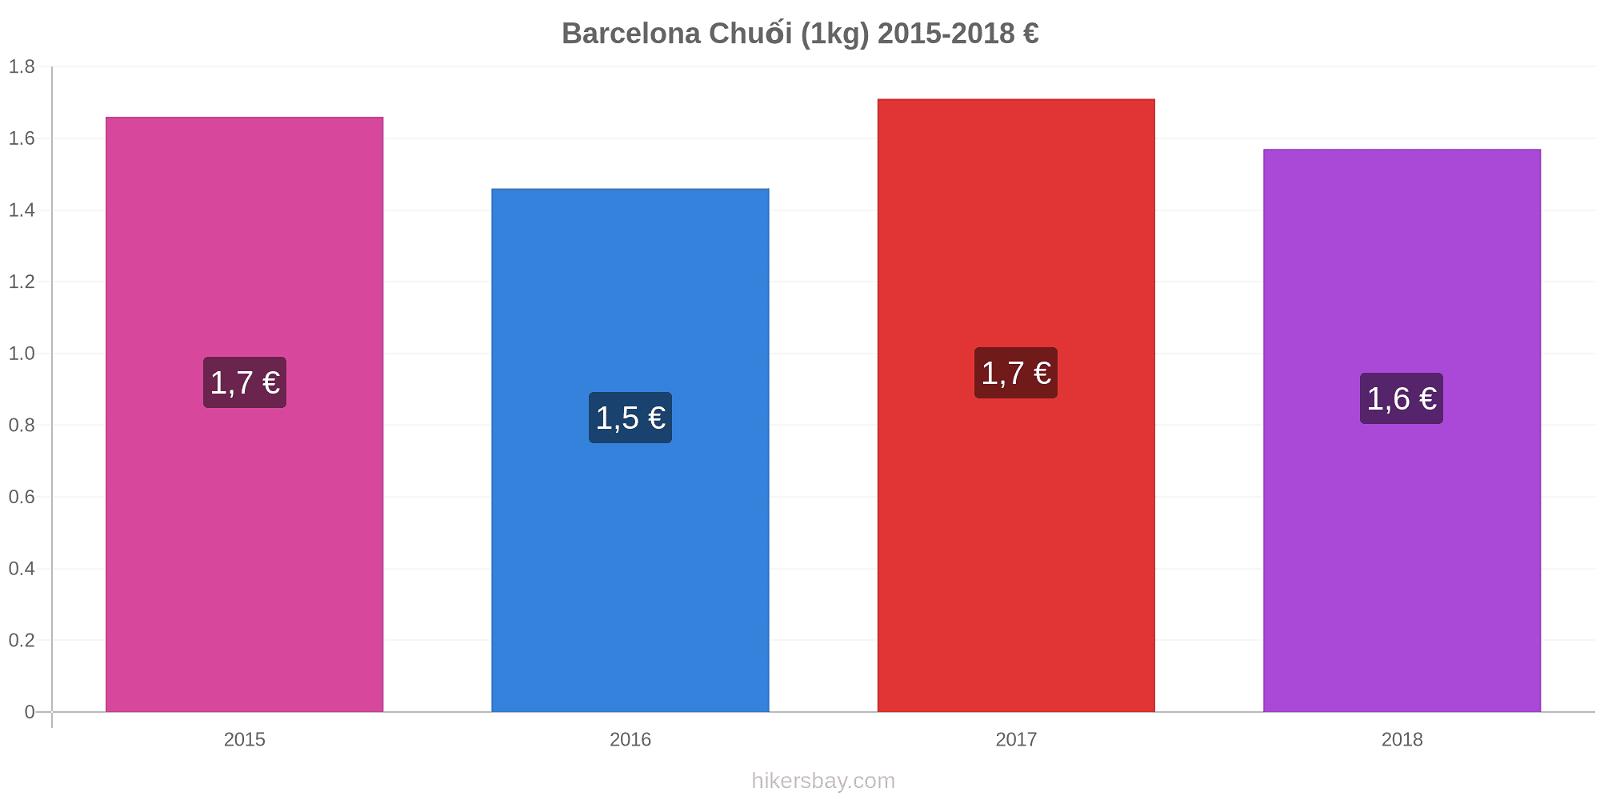 Barcelona thay đổi giá Chuối (1kg) hikersbay.com